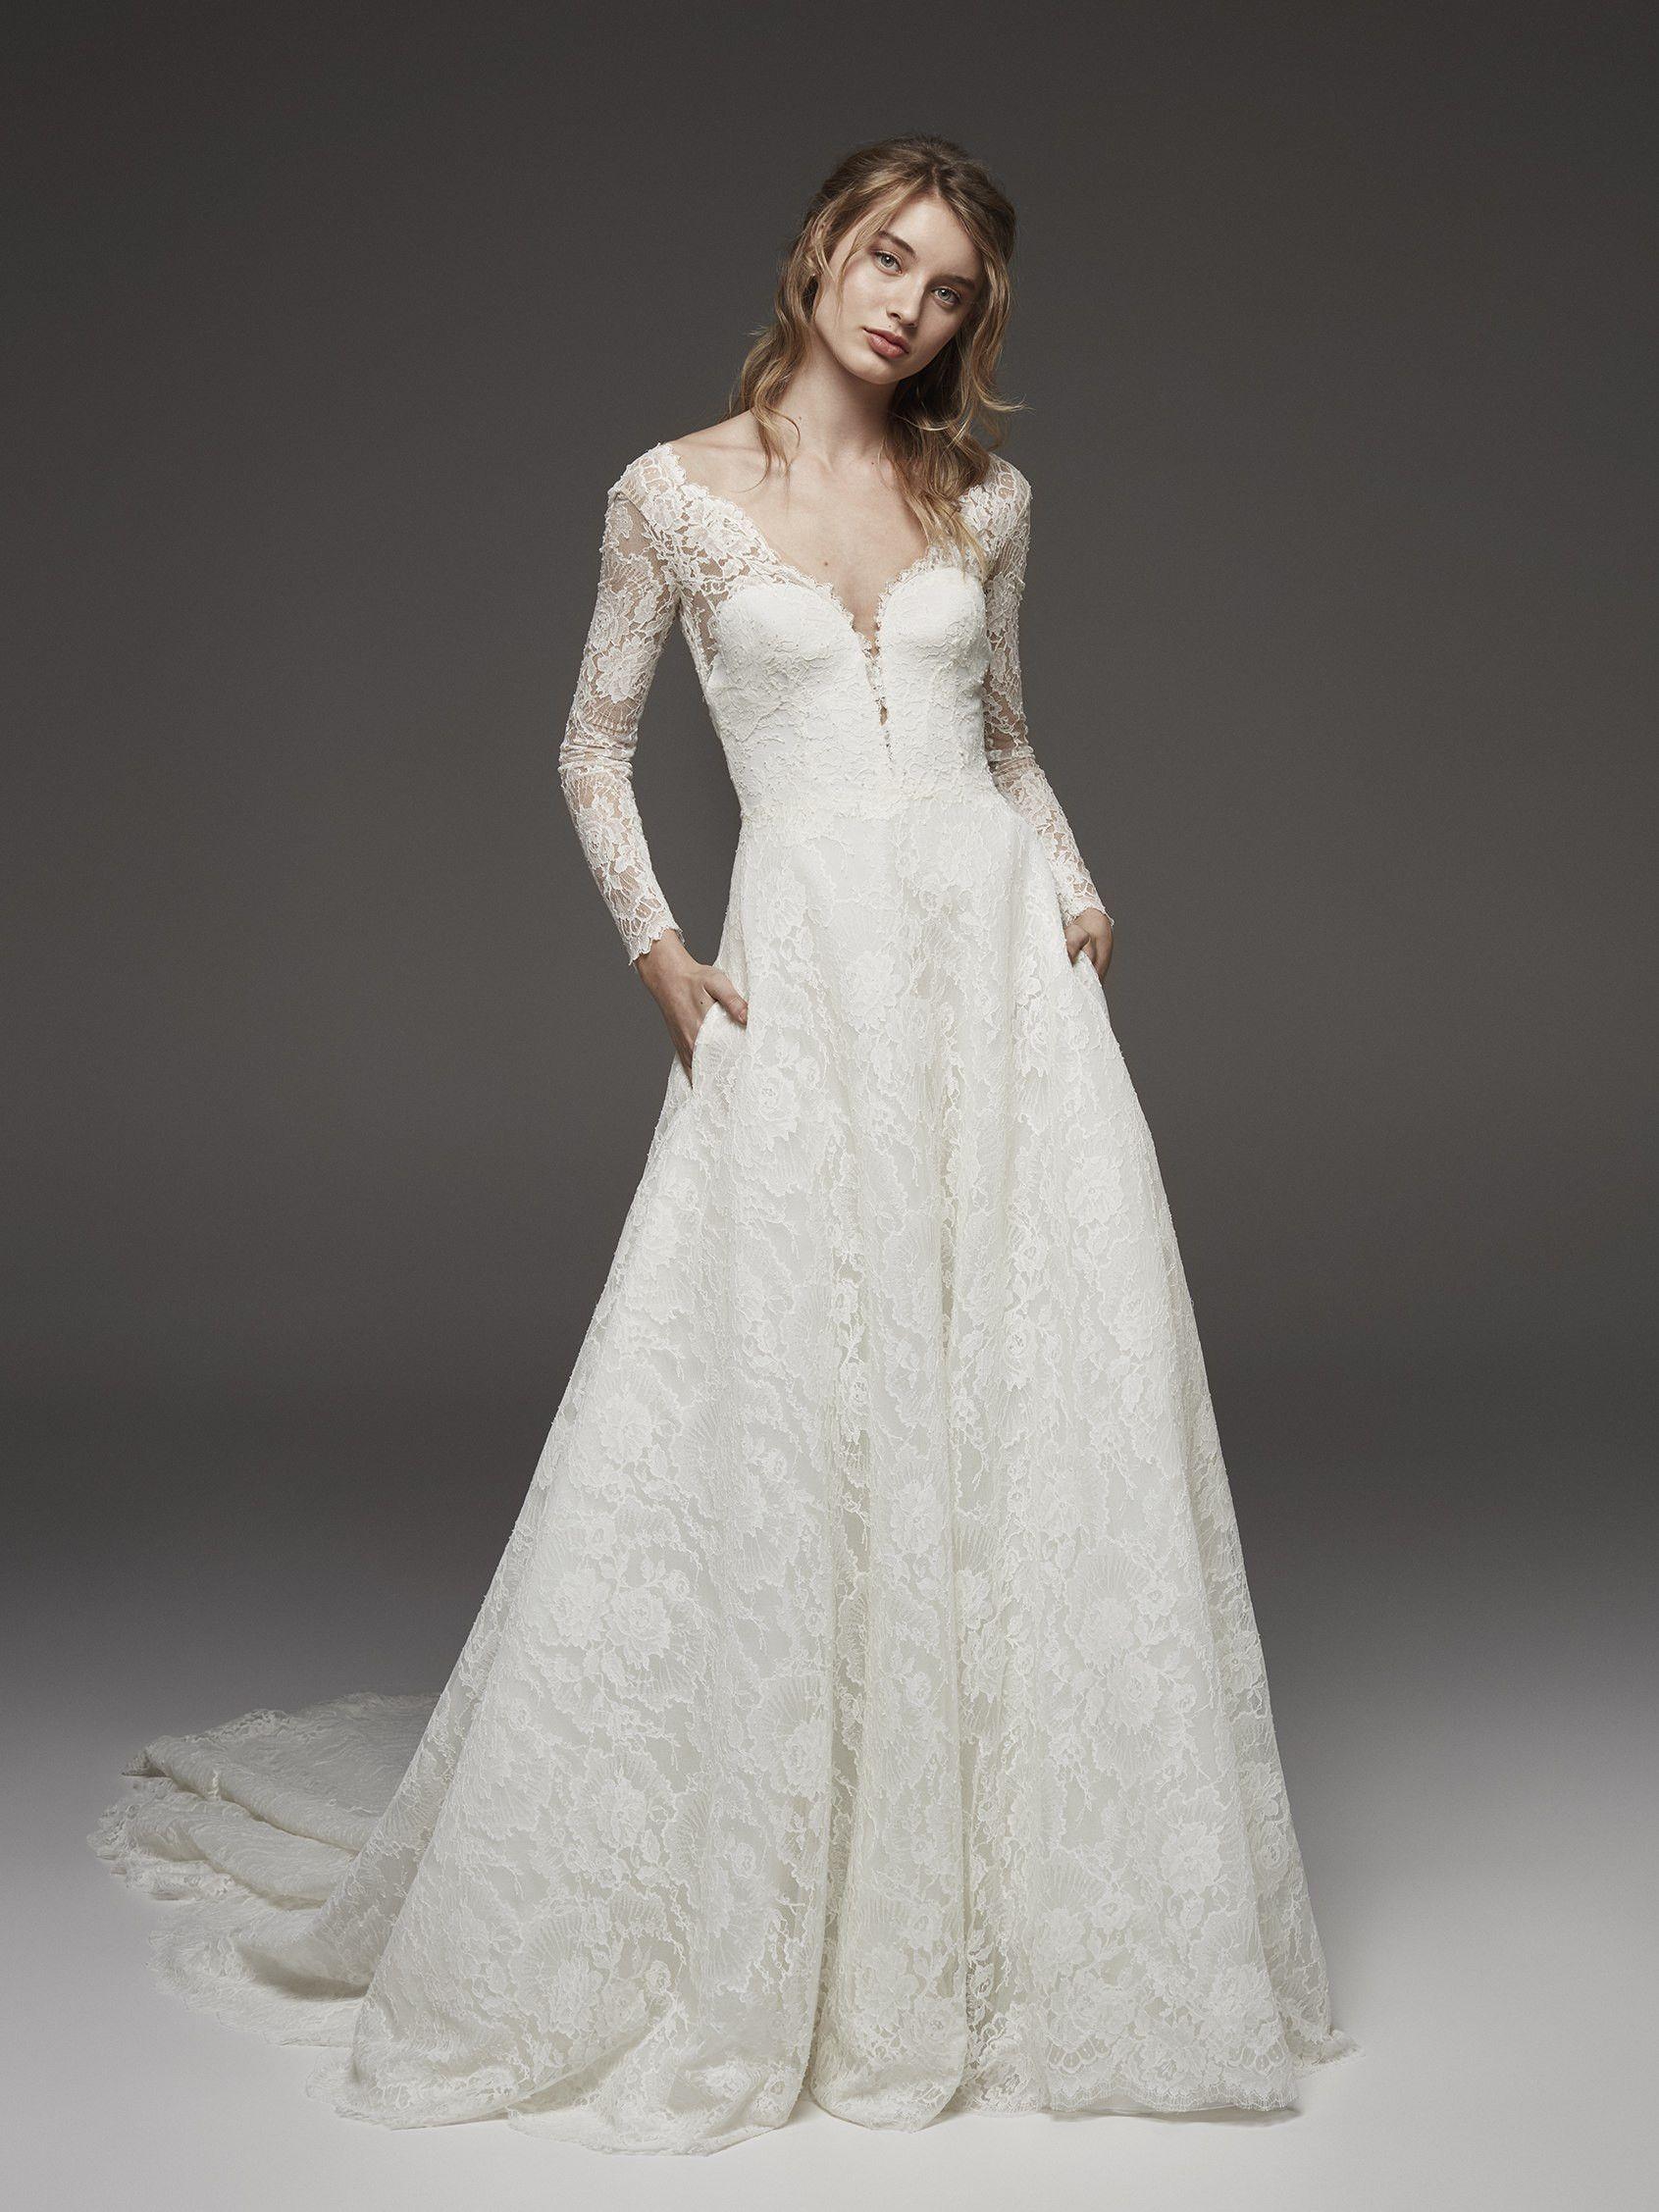 40+ Organza wedding dress with pockets ideas